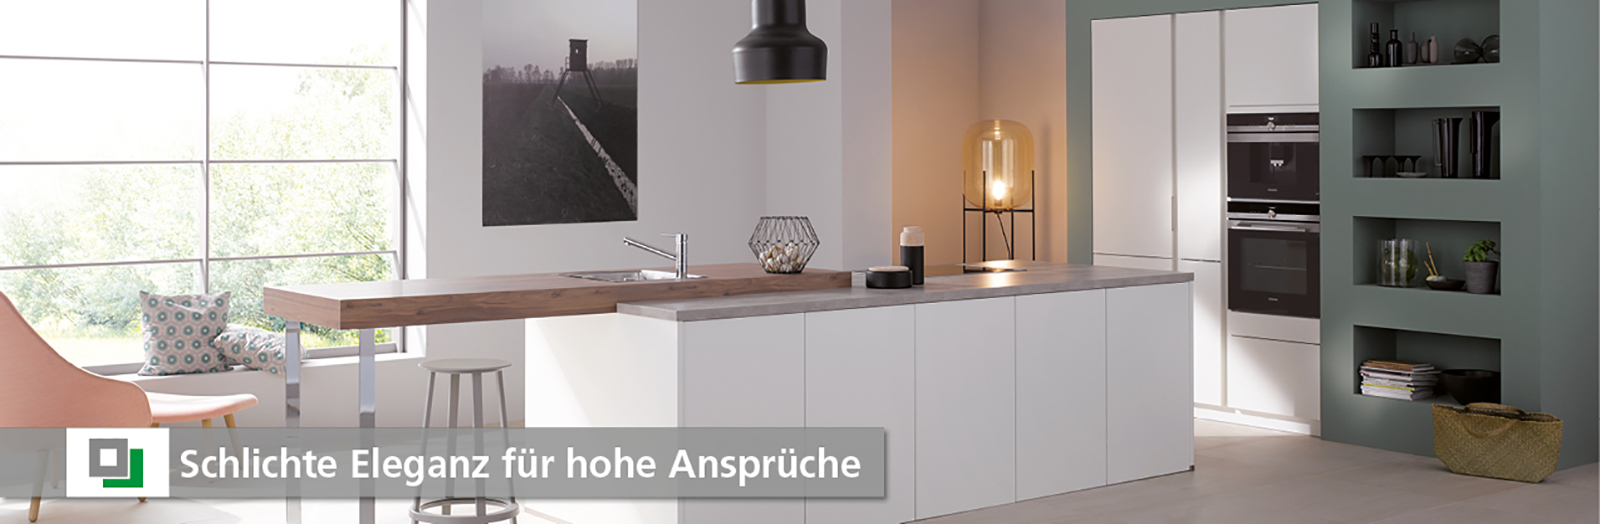 Design Küchen - schlichte Eleganz für hohe Ansprüche - Küche und Raum, 82152 Planegg, 85072 Eichstätt